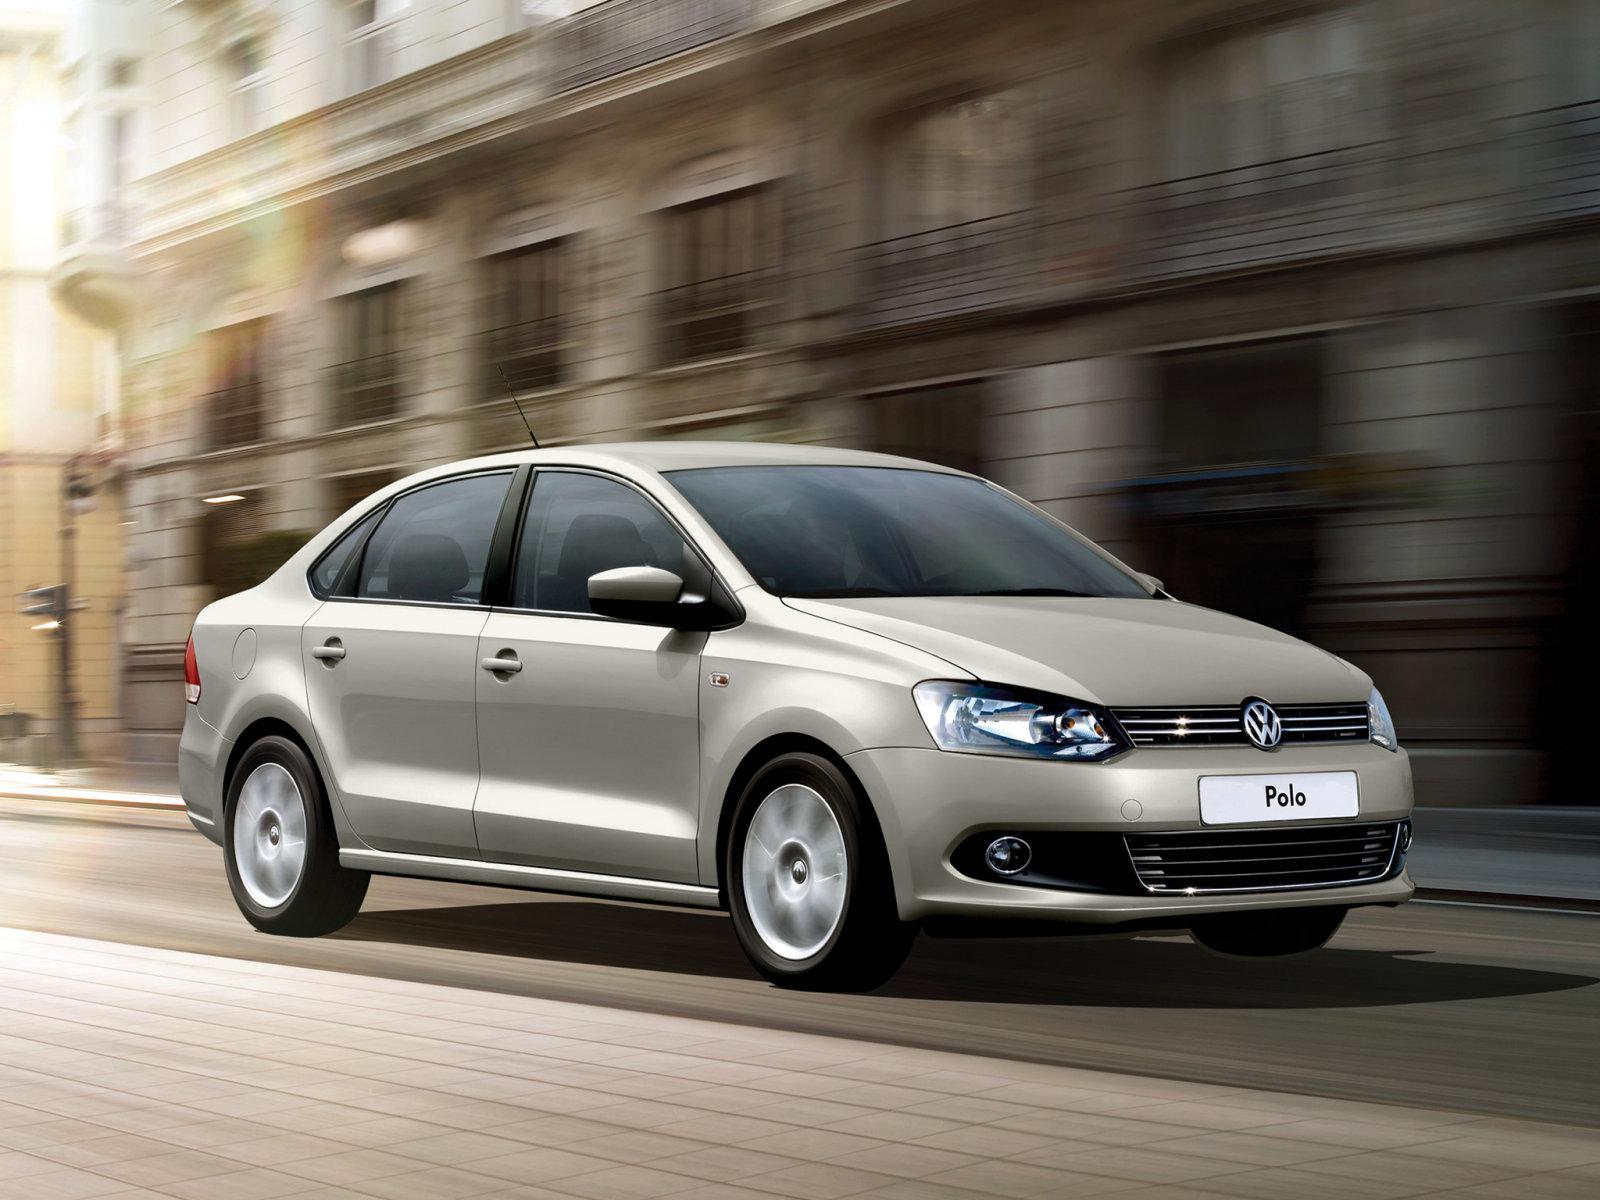 Volkswagen Polo седан: резкое снижение цен